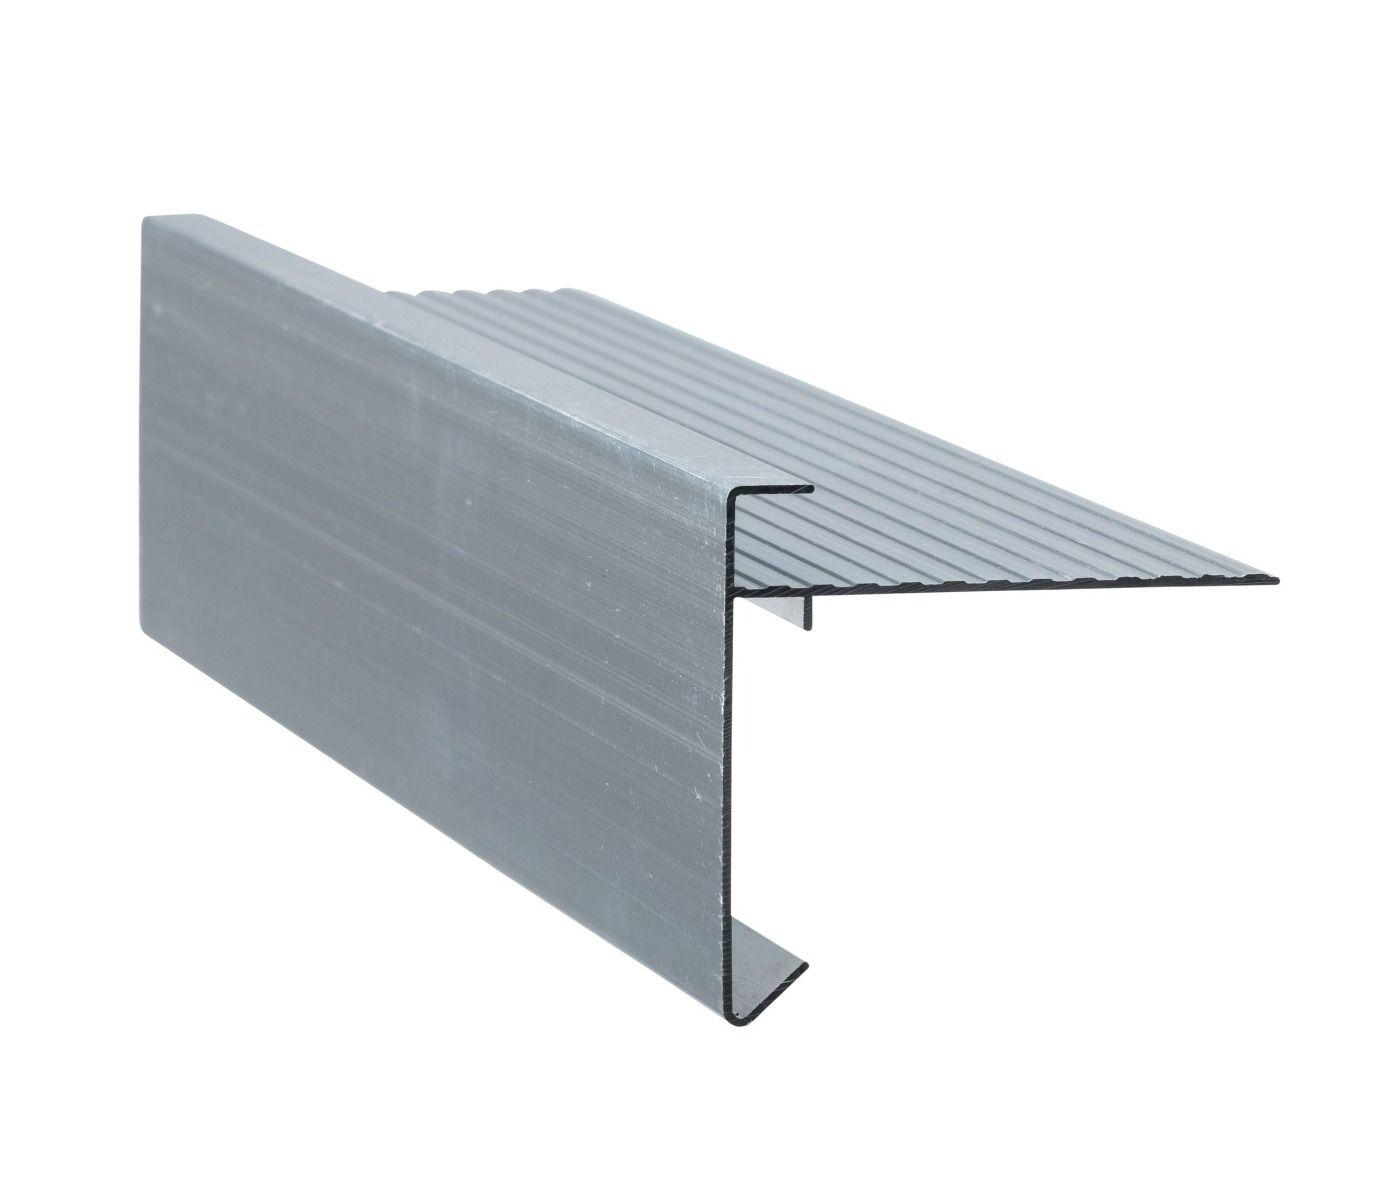 Aluminium Daktrim   Recht   Lengte 250 cm   Brute + RAL